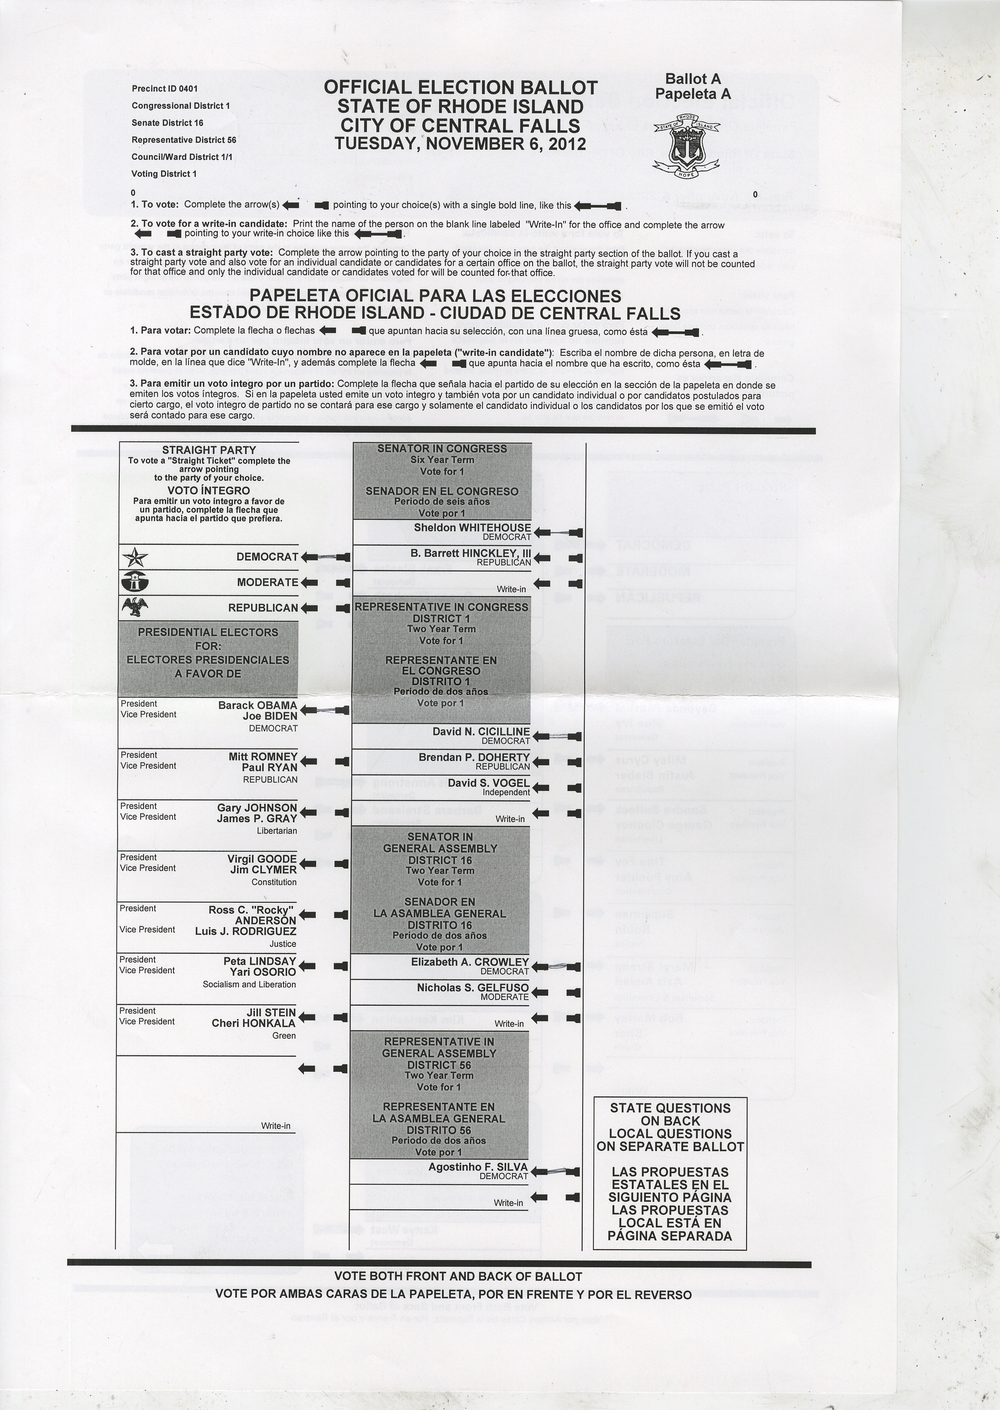 ballot10.jpg